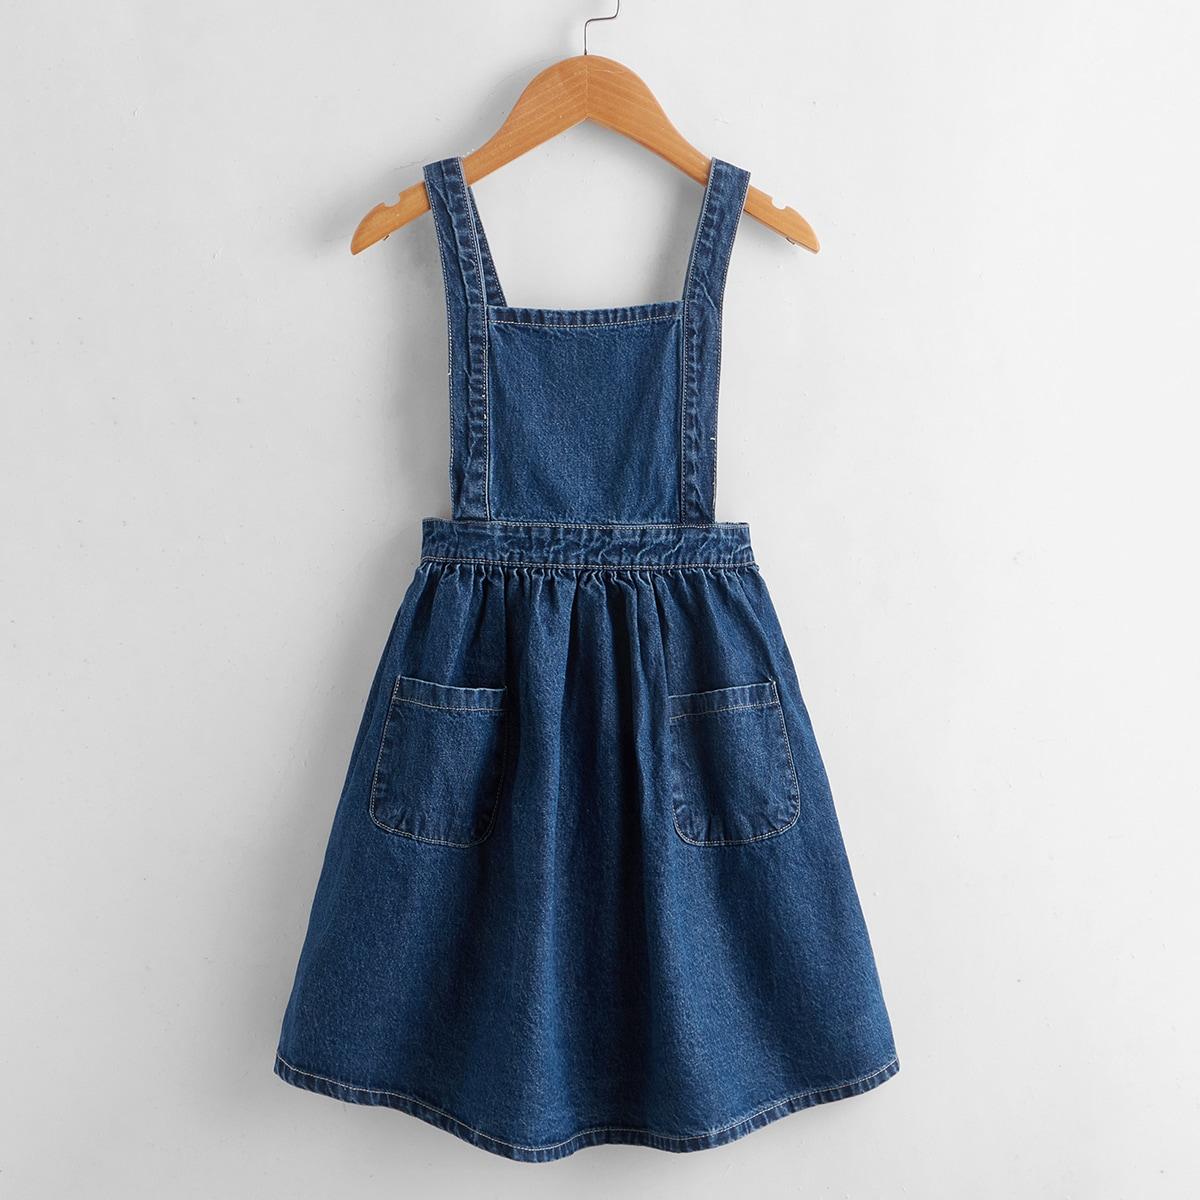 с карманами Одноцветный Повседневный Джинсовые платья для девочек SheIn skdress03210324621